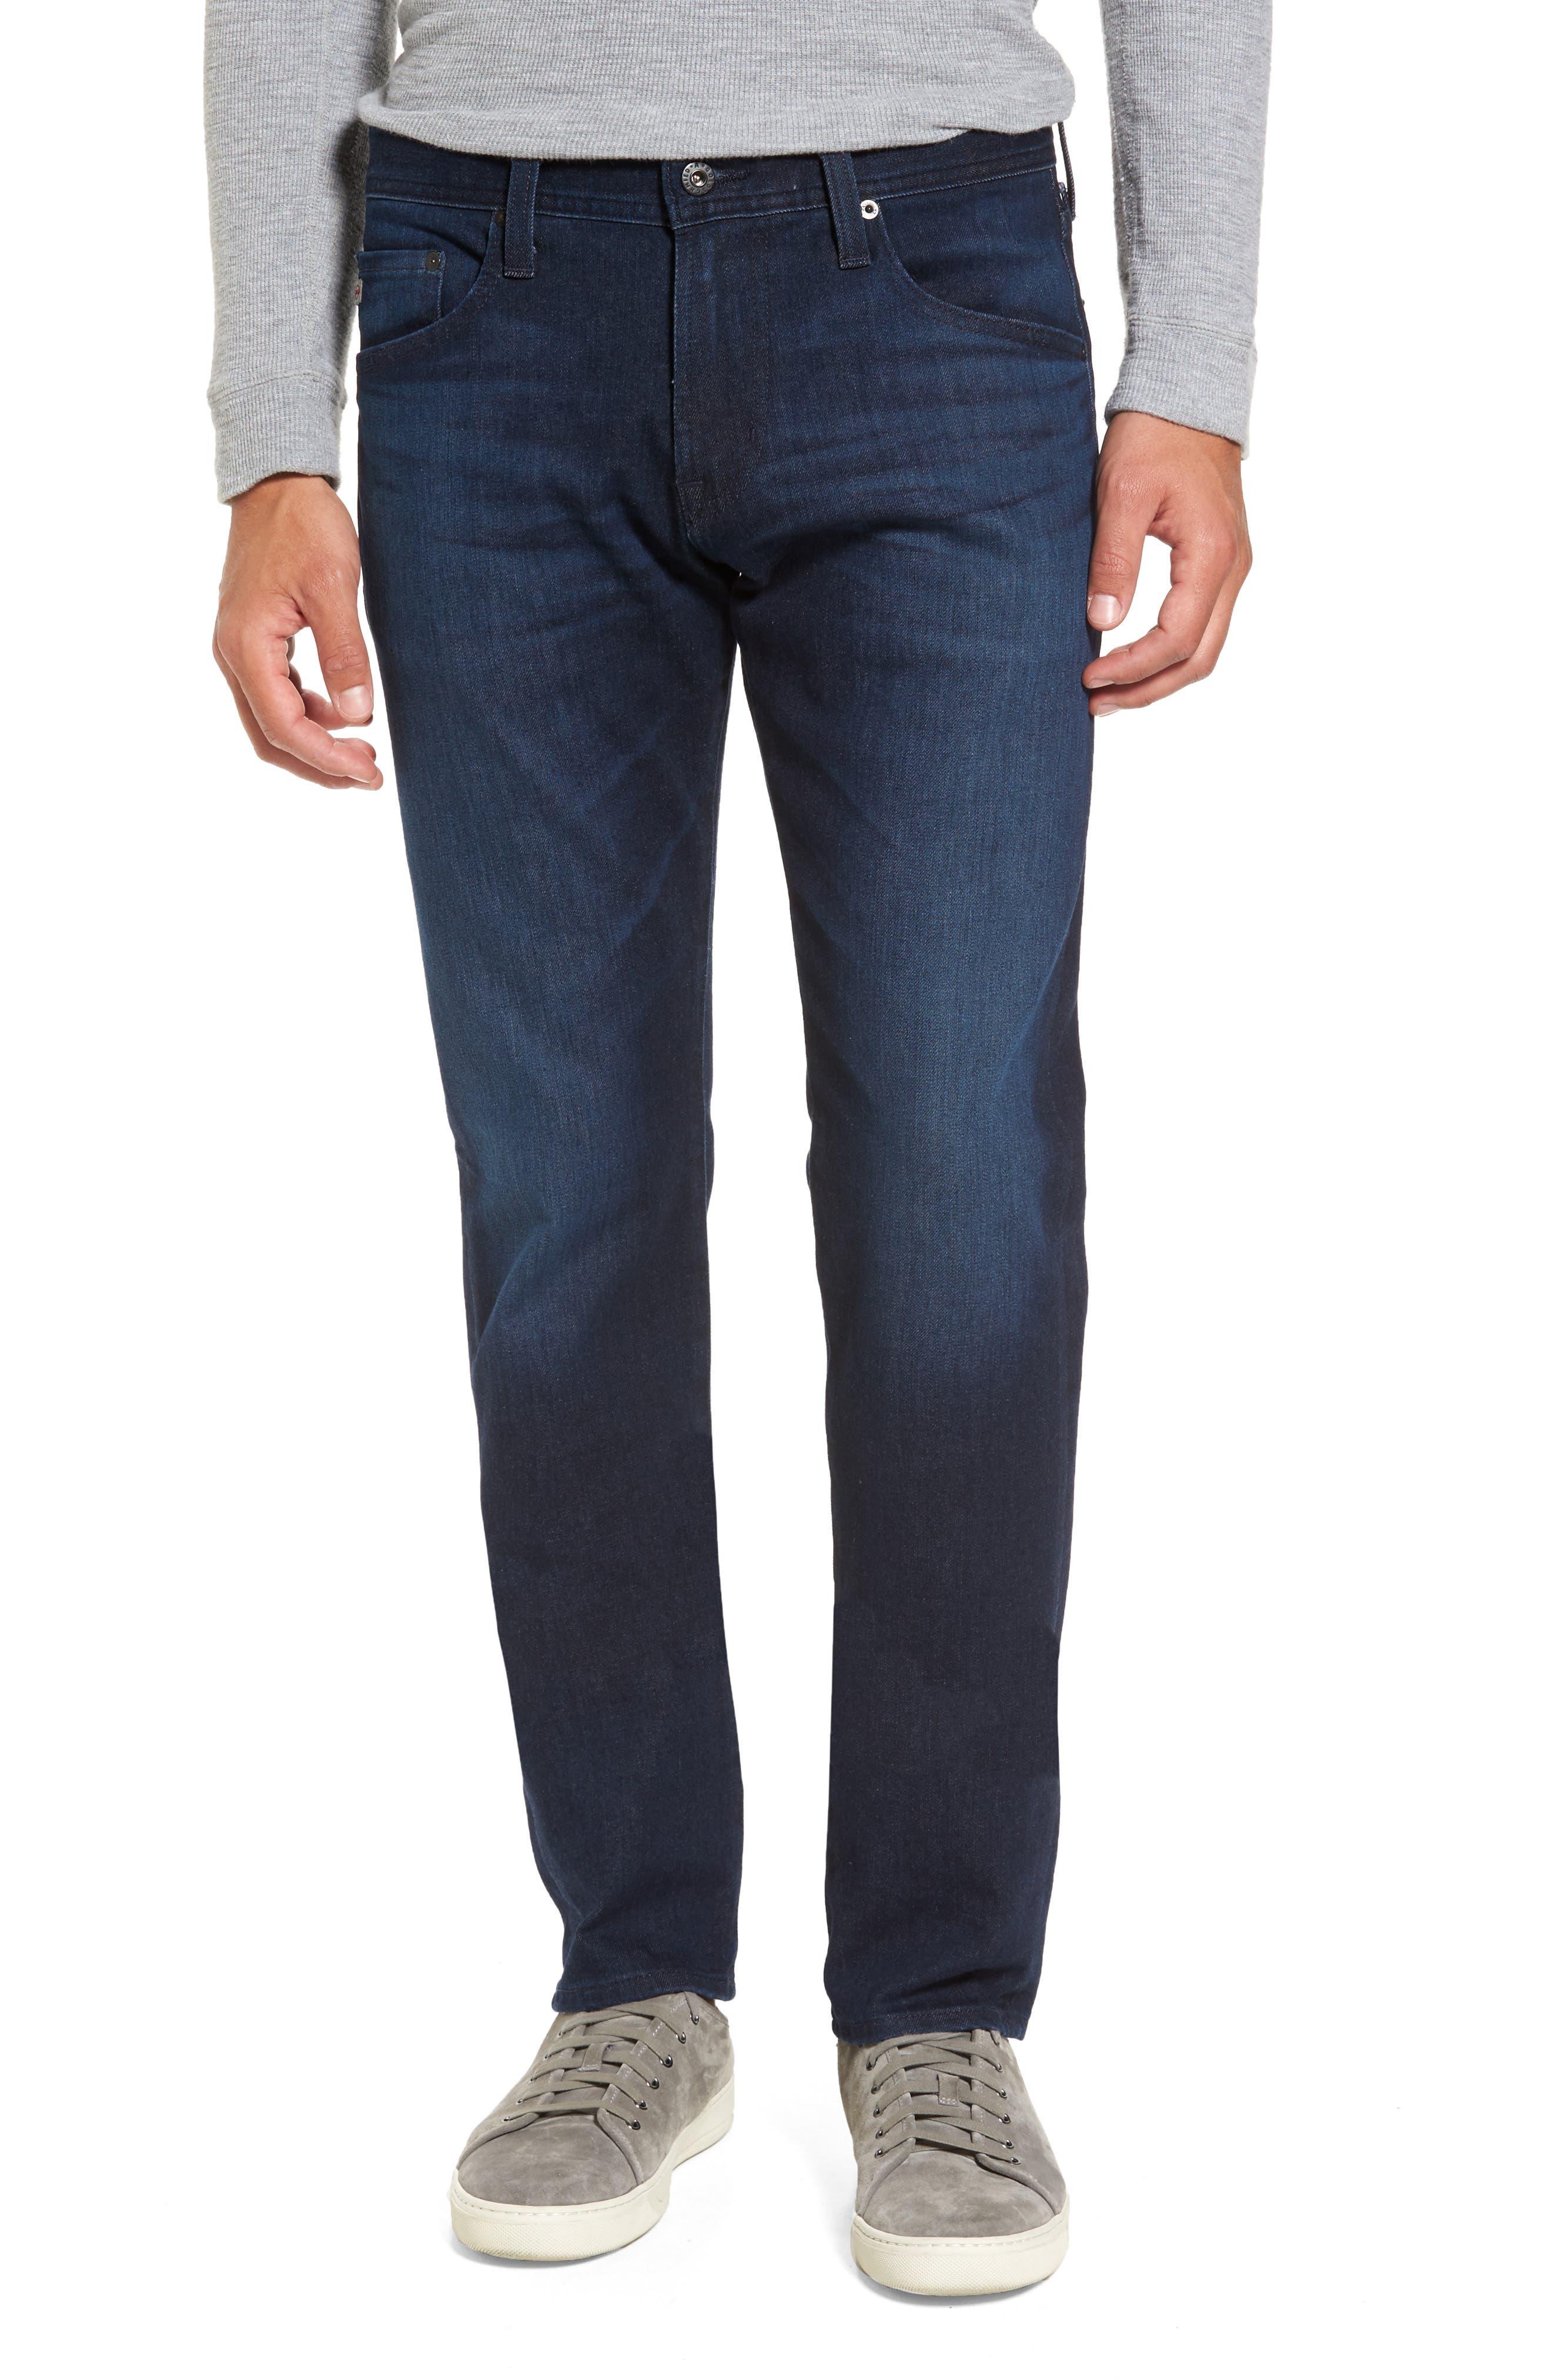 Tellis Slim Leg Jeans,                         Main,                         color, Vibe